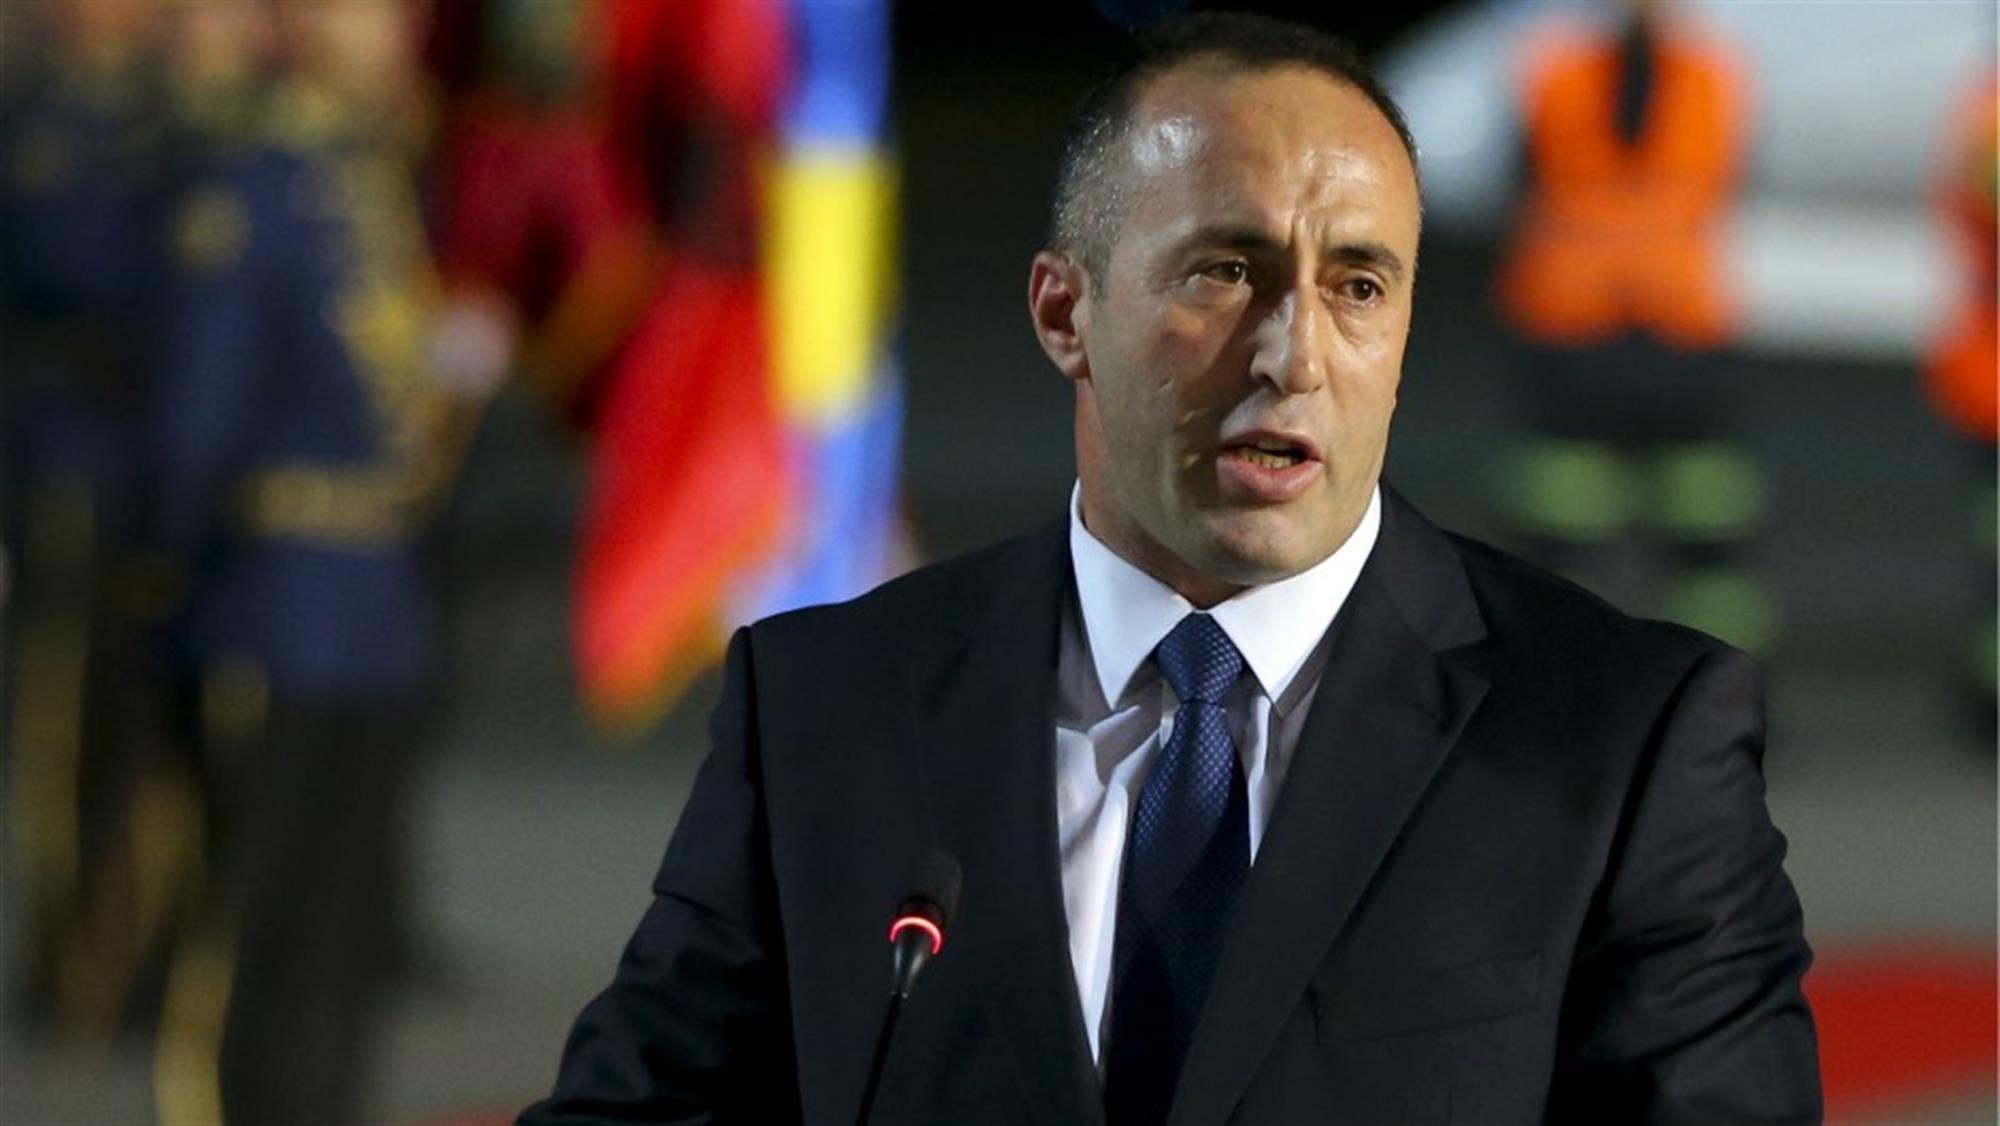 """Ο Haradinaj κάλεσε τους Αλβανούς στην ΠΓΔΜ να ψηφίσουν """"ΝΑΙ"""" στο δημοψήφισμα για το όνομα."""